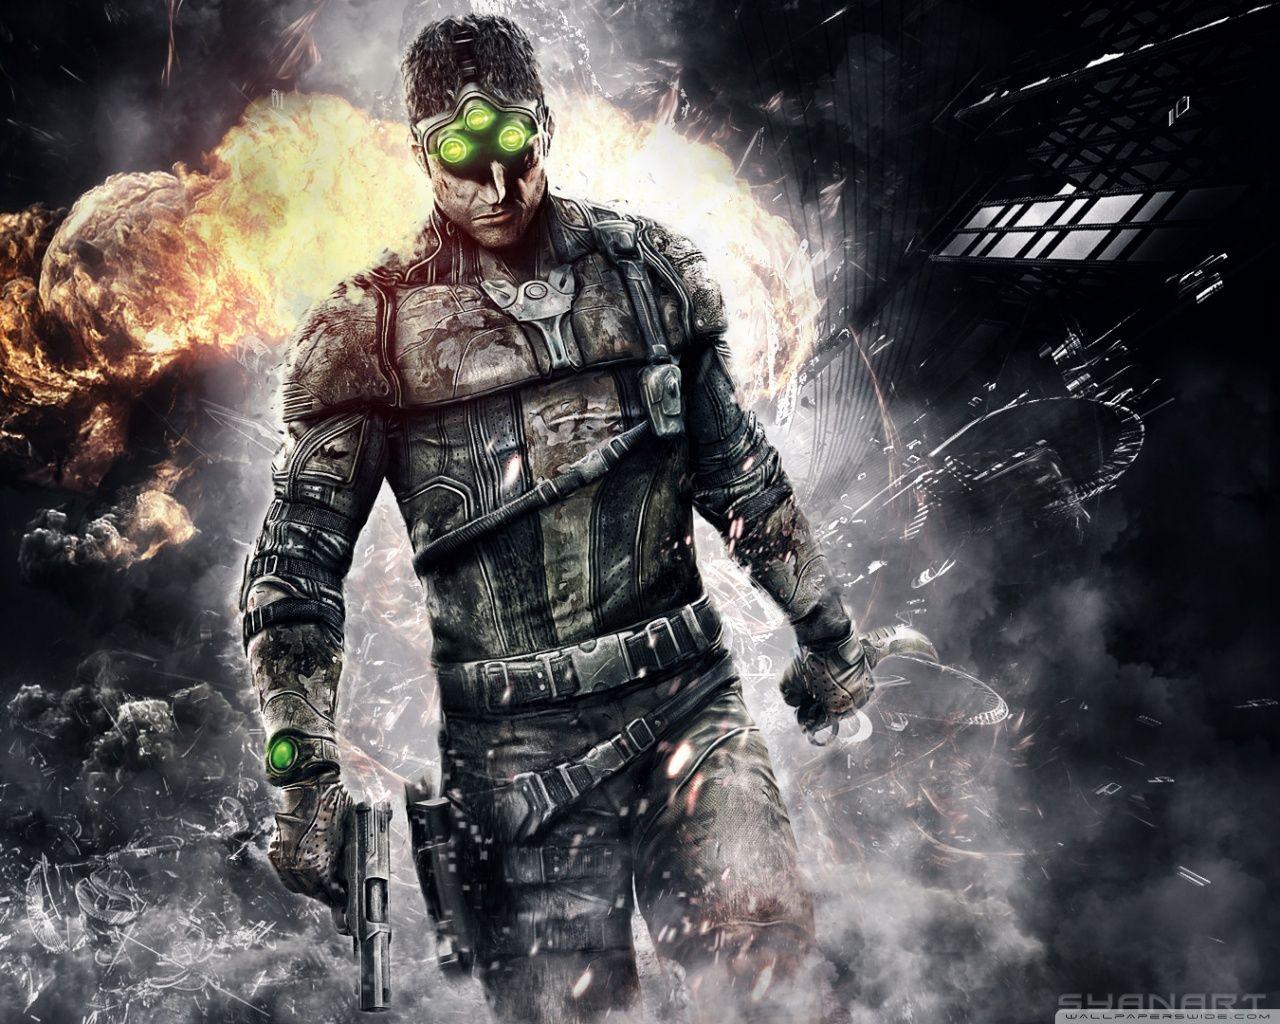 Splinter Cell Blacklist Wallpaper Tom Clancys Full Hd